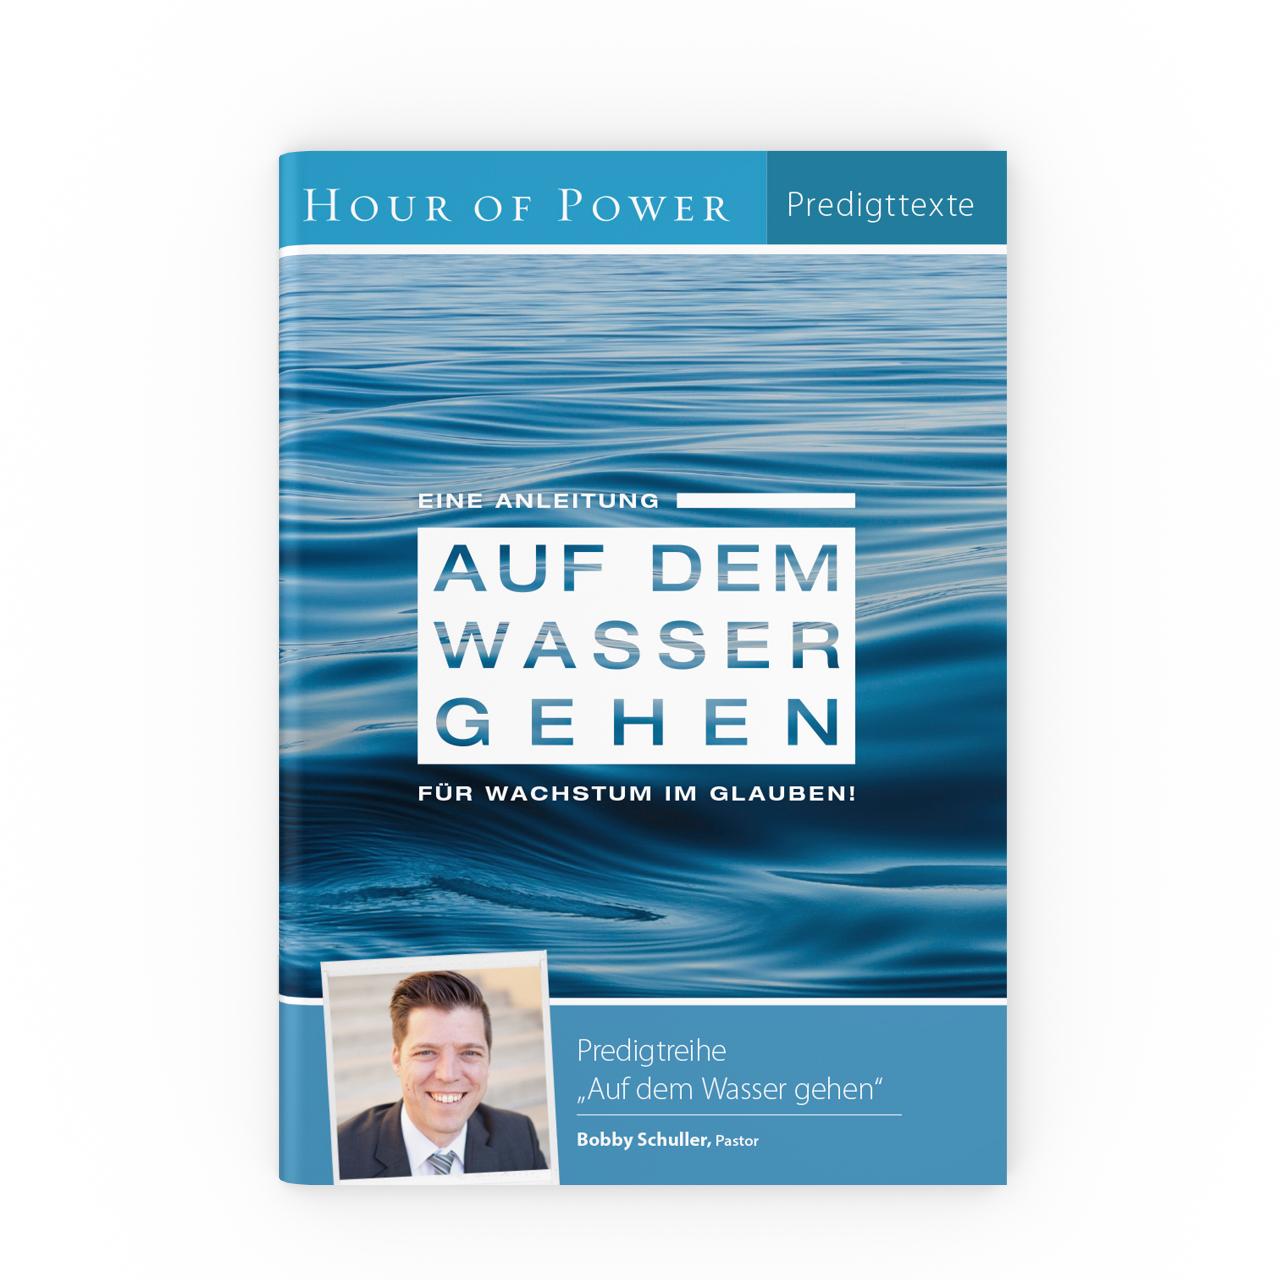 Booklet: Auf dem Wasser